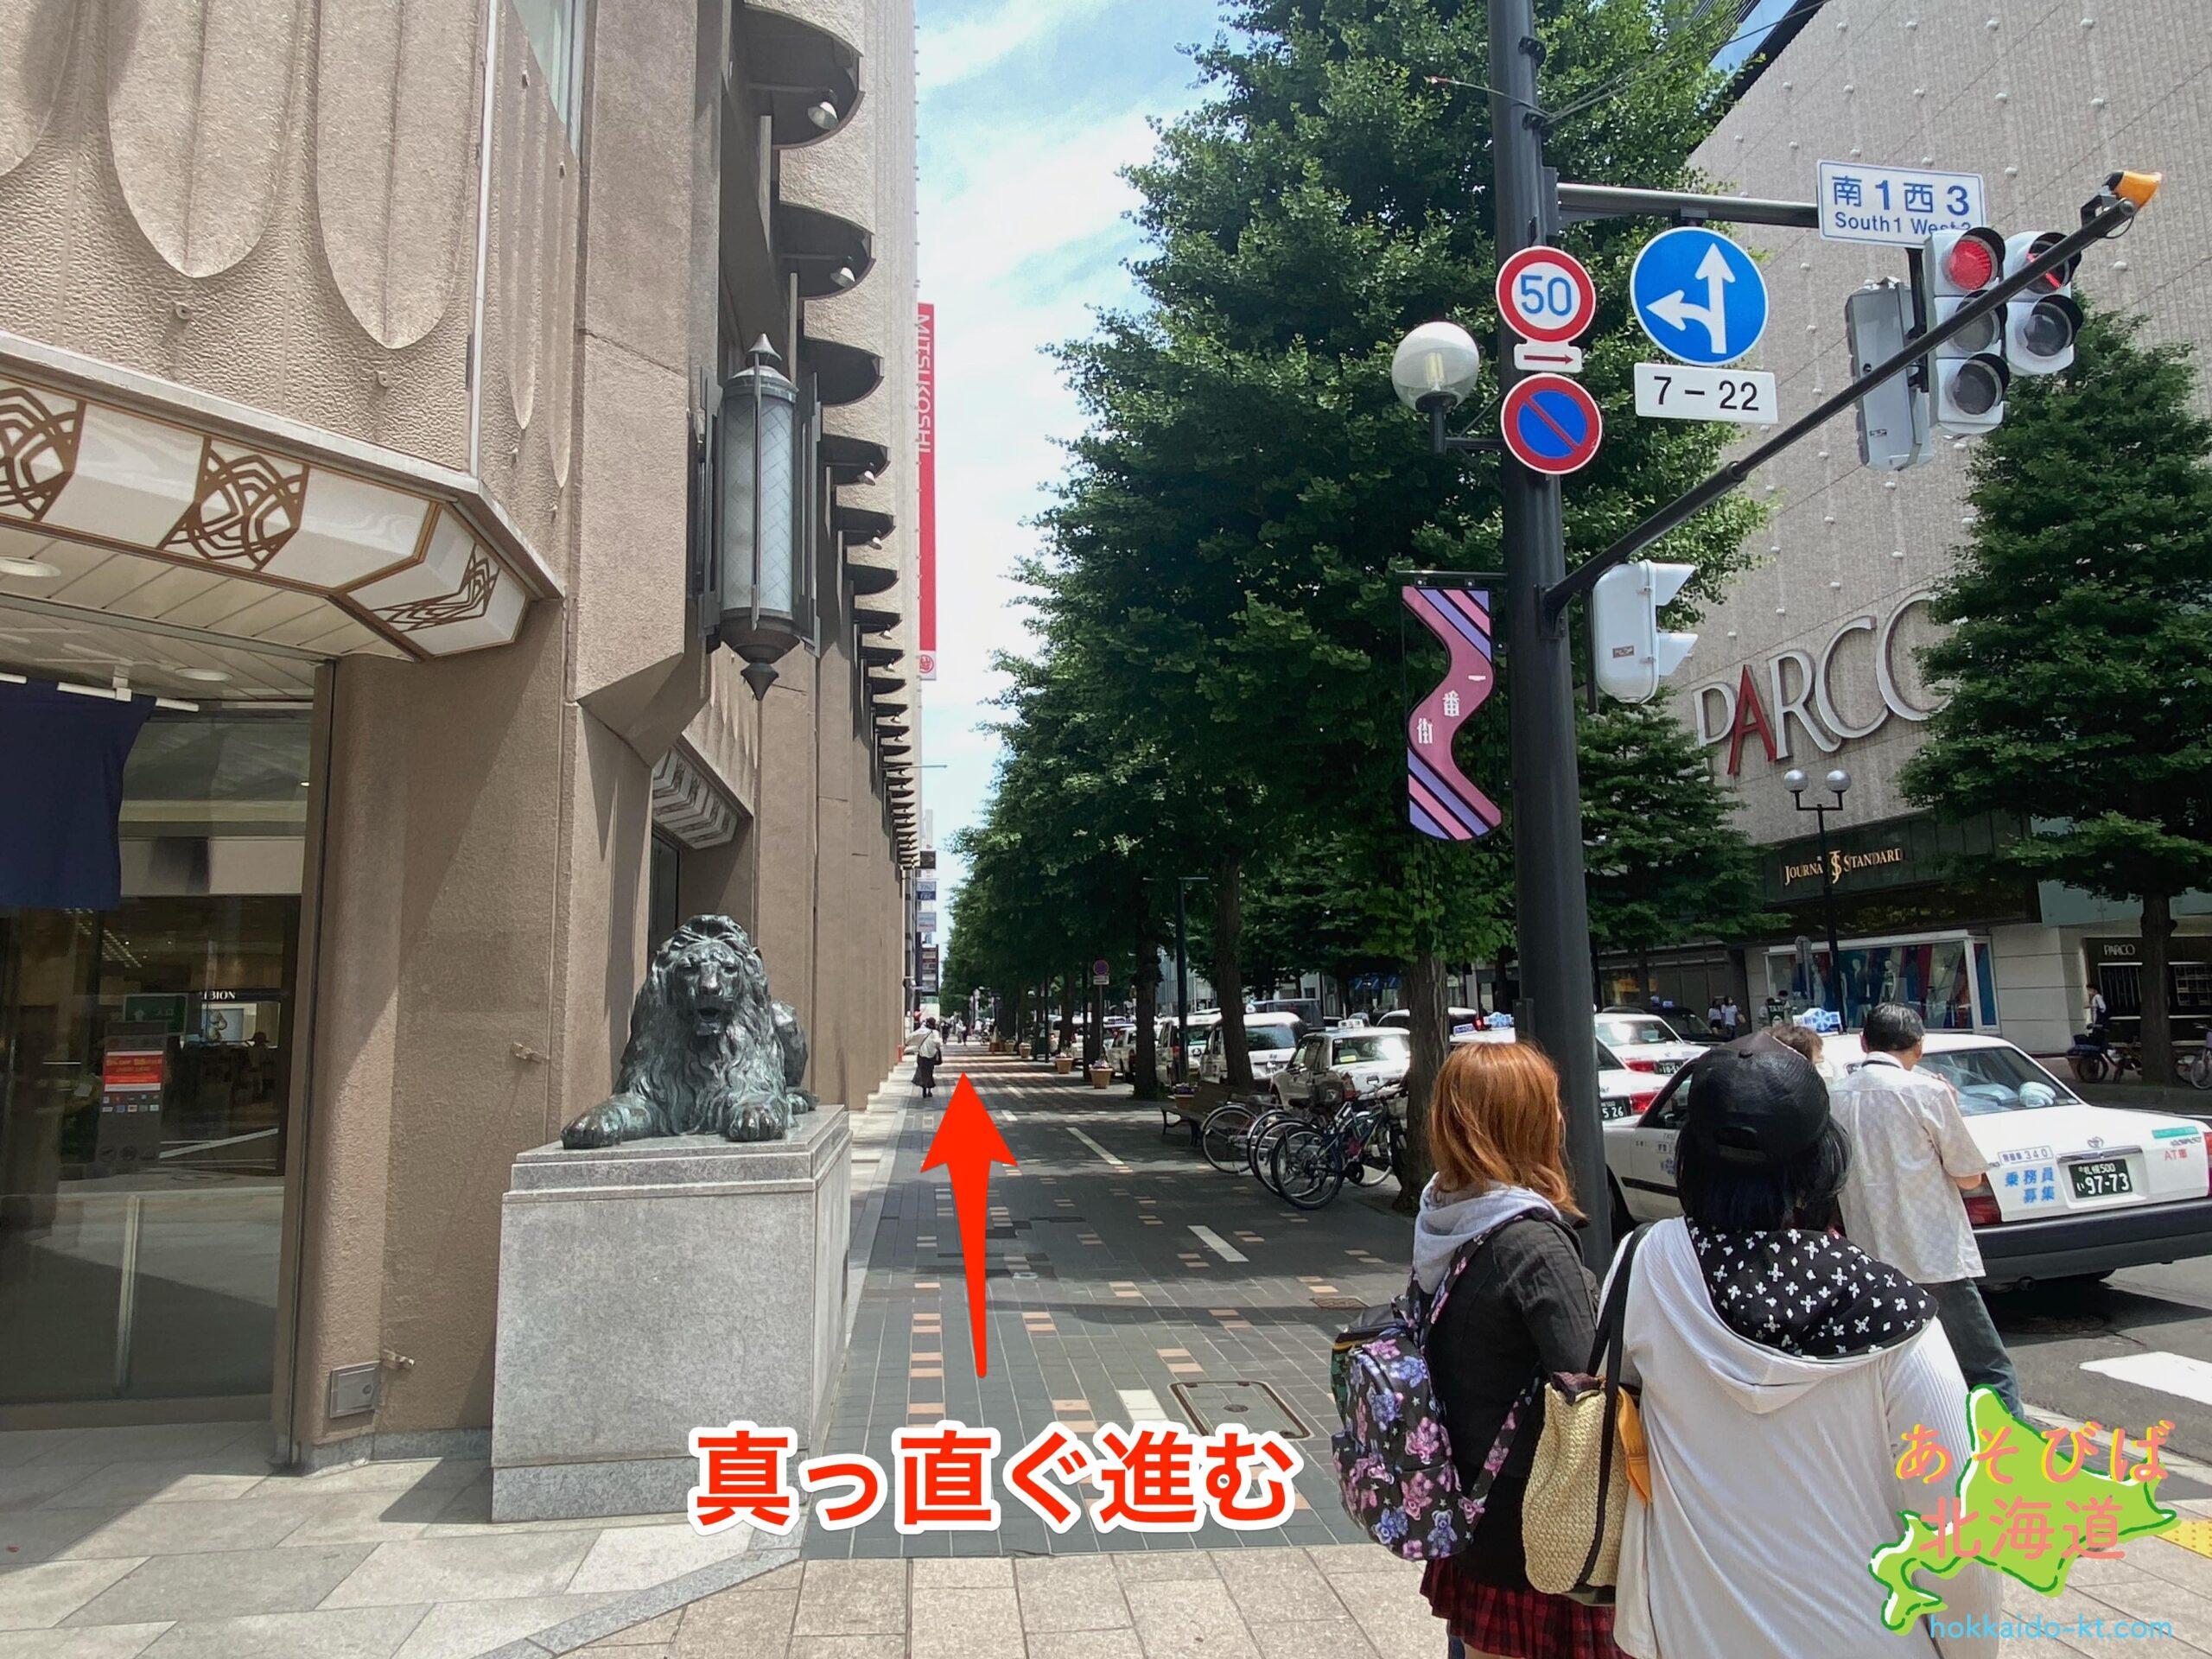 tbc札幌本店アクセス